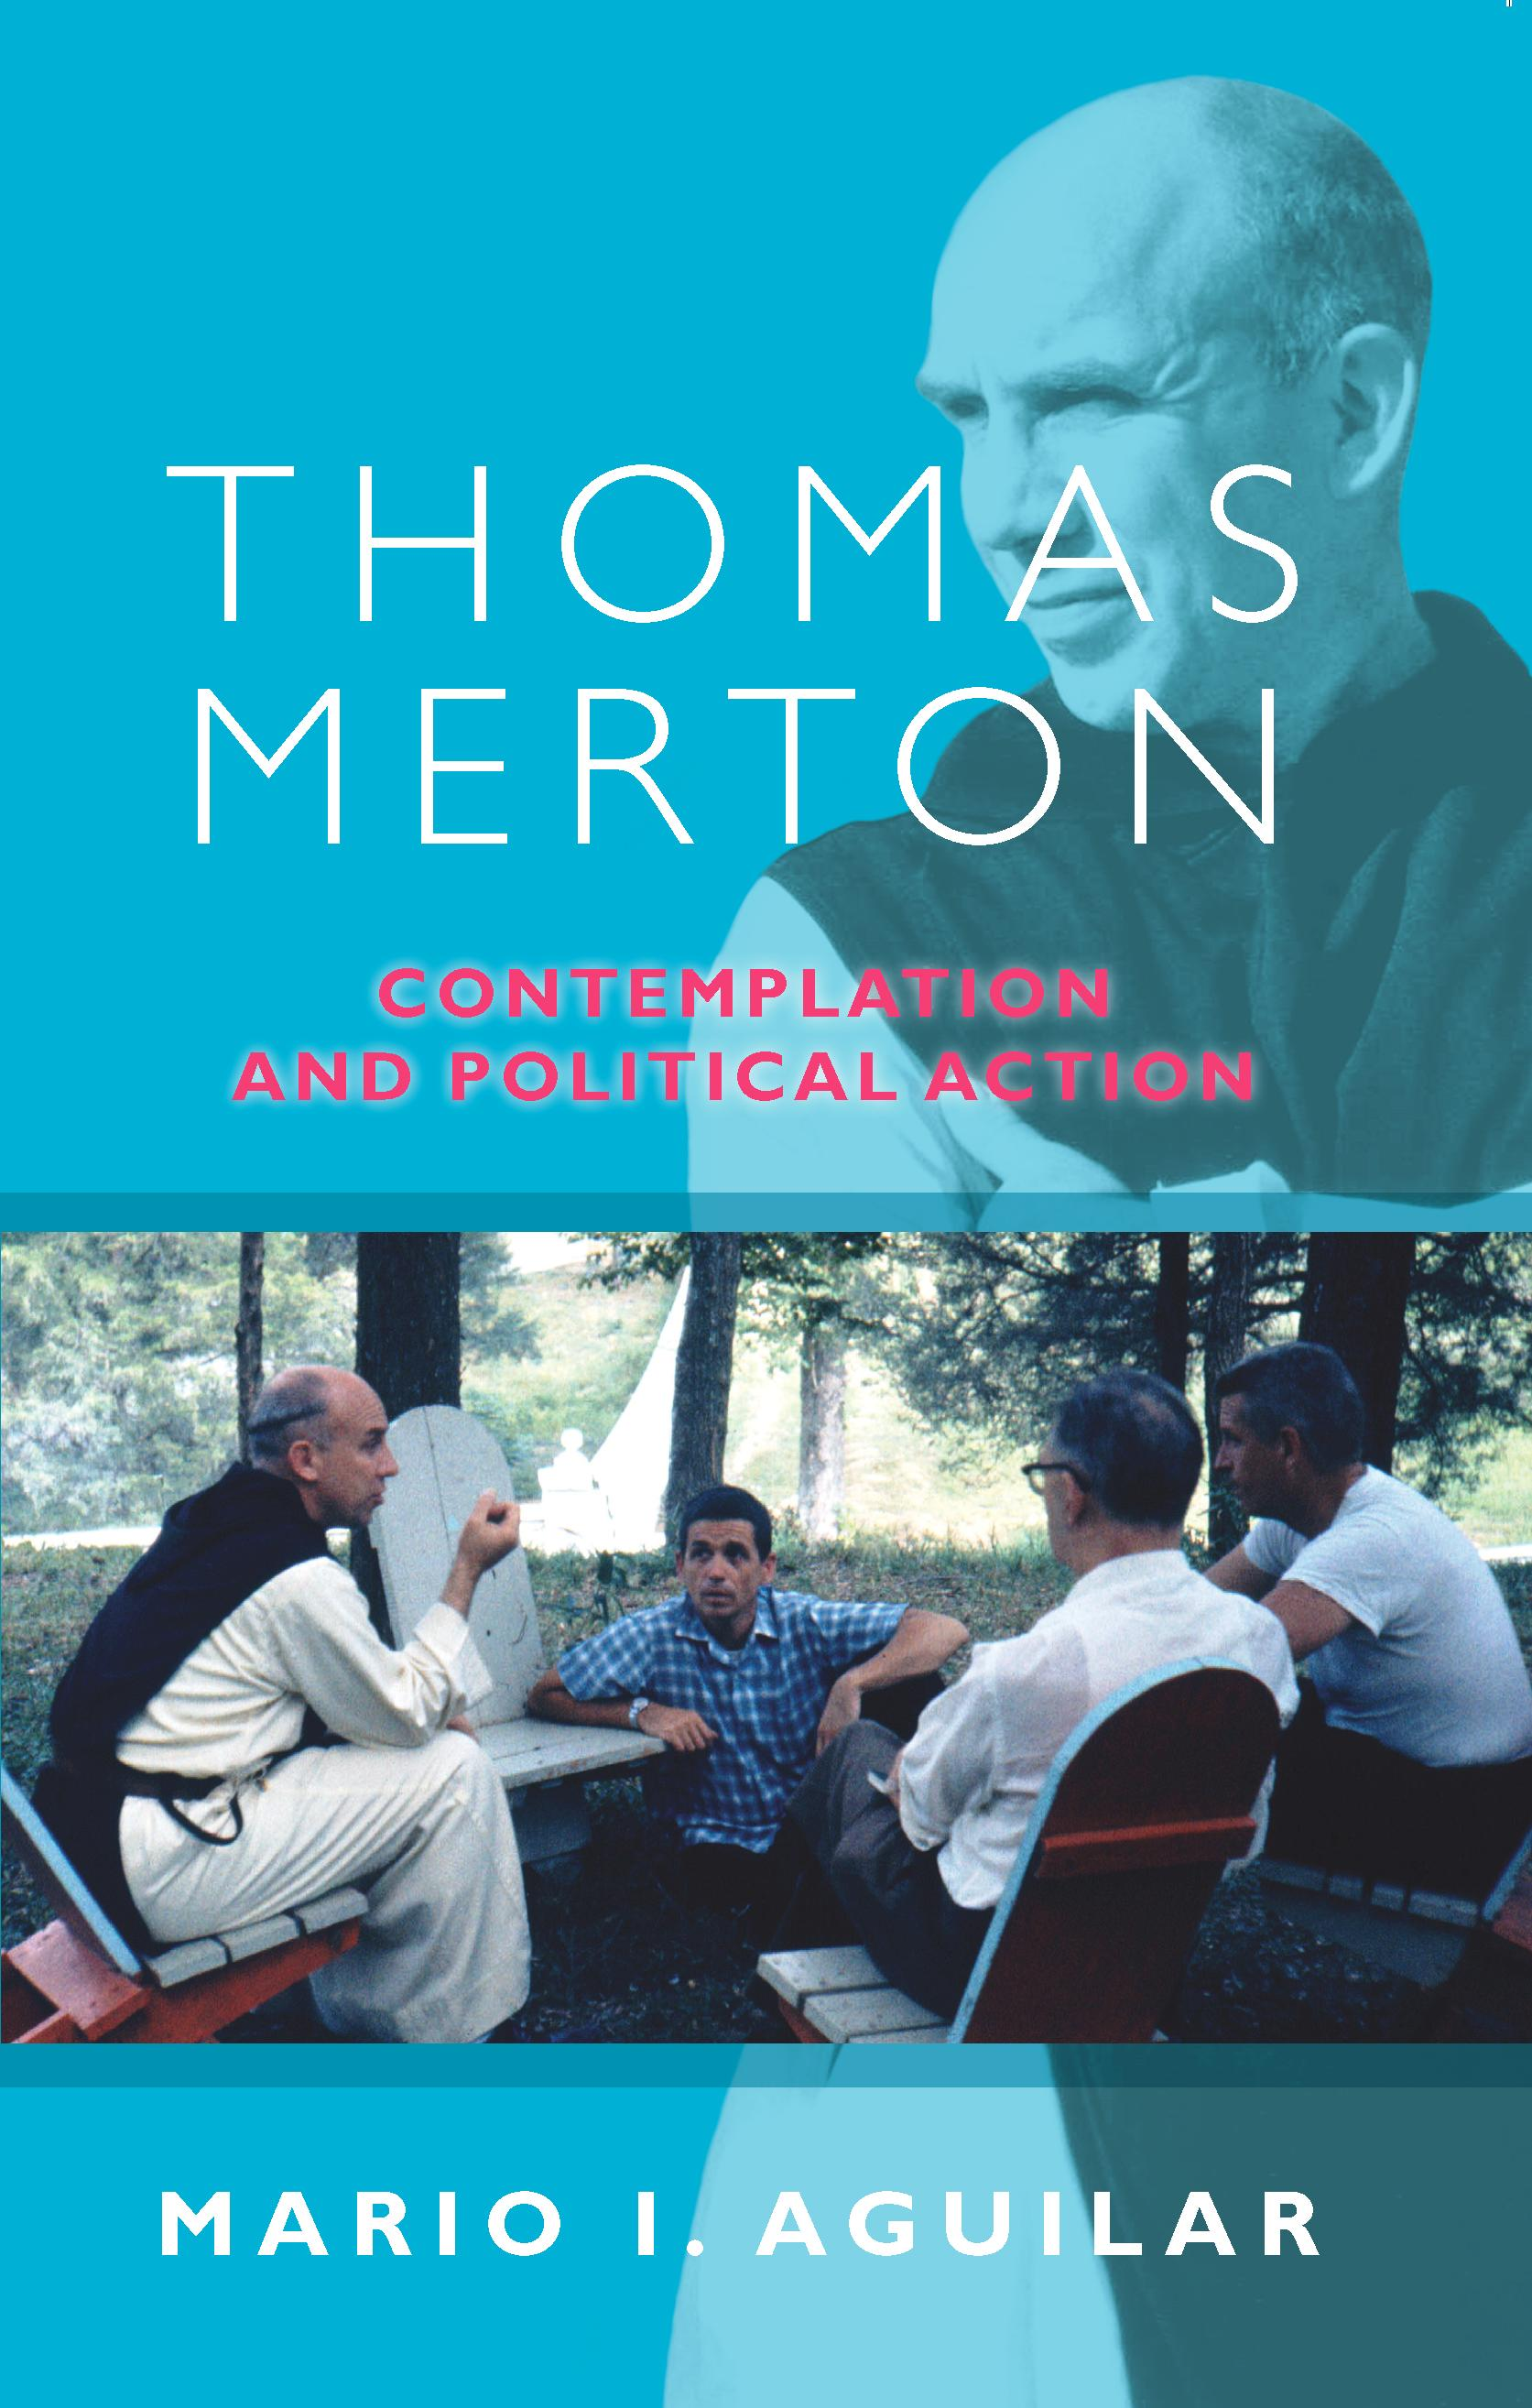 http://merton.org/Book%20Cover%20Images/thomas%20merton_AW.jpg